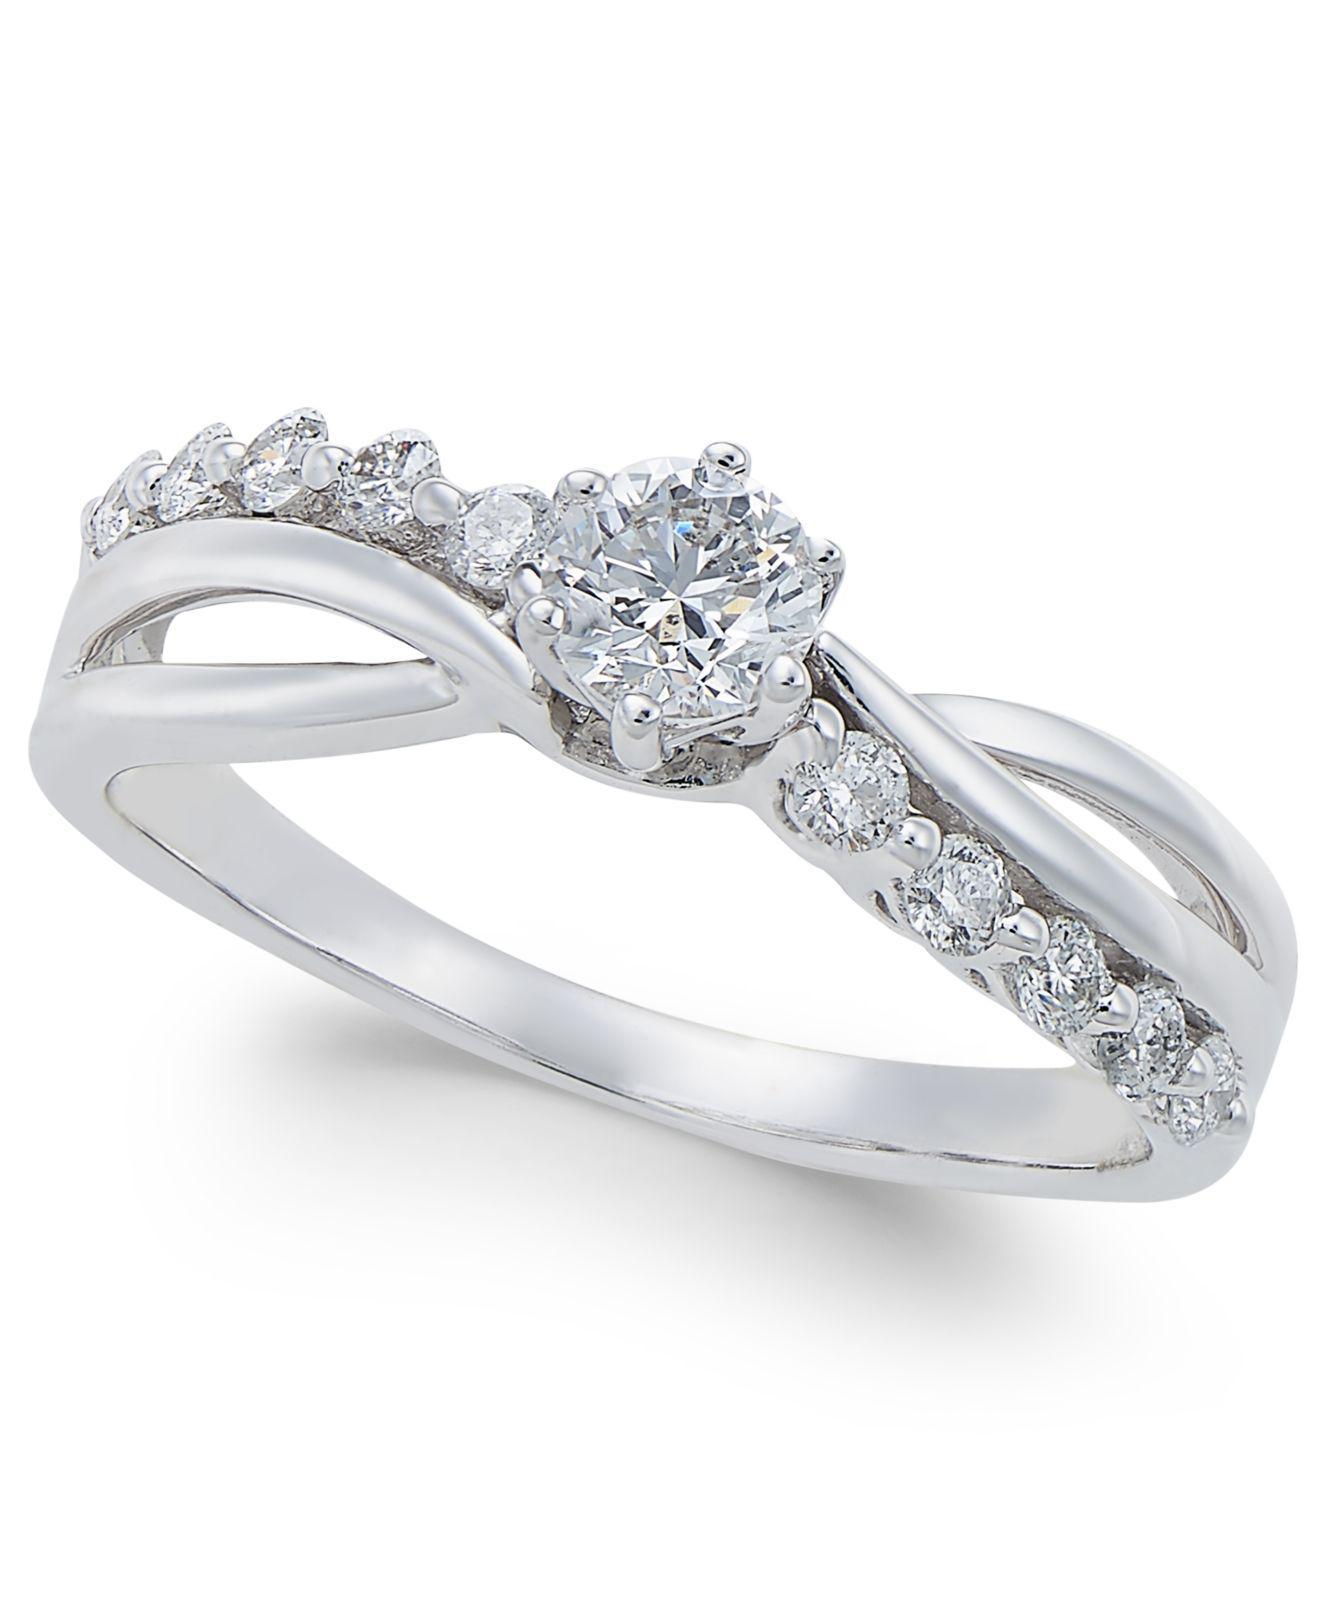 Macy s Diamond Swirl Engagement Ring 1 2 Ct T w In 14k White